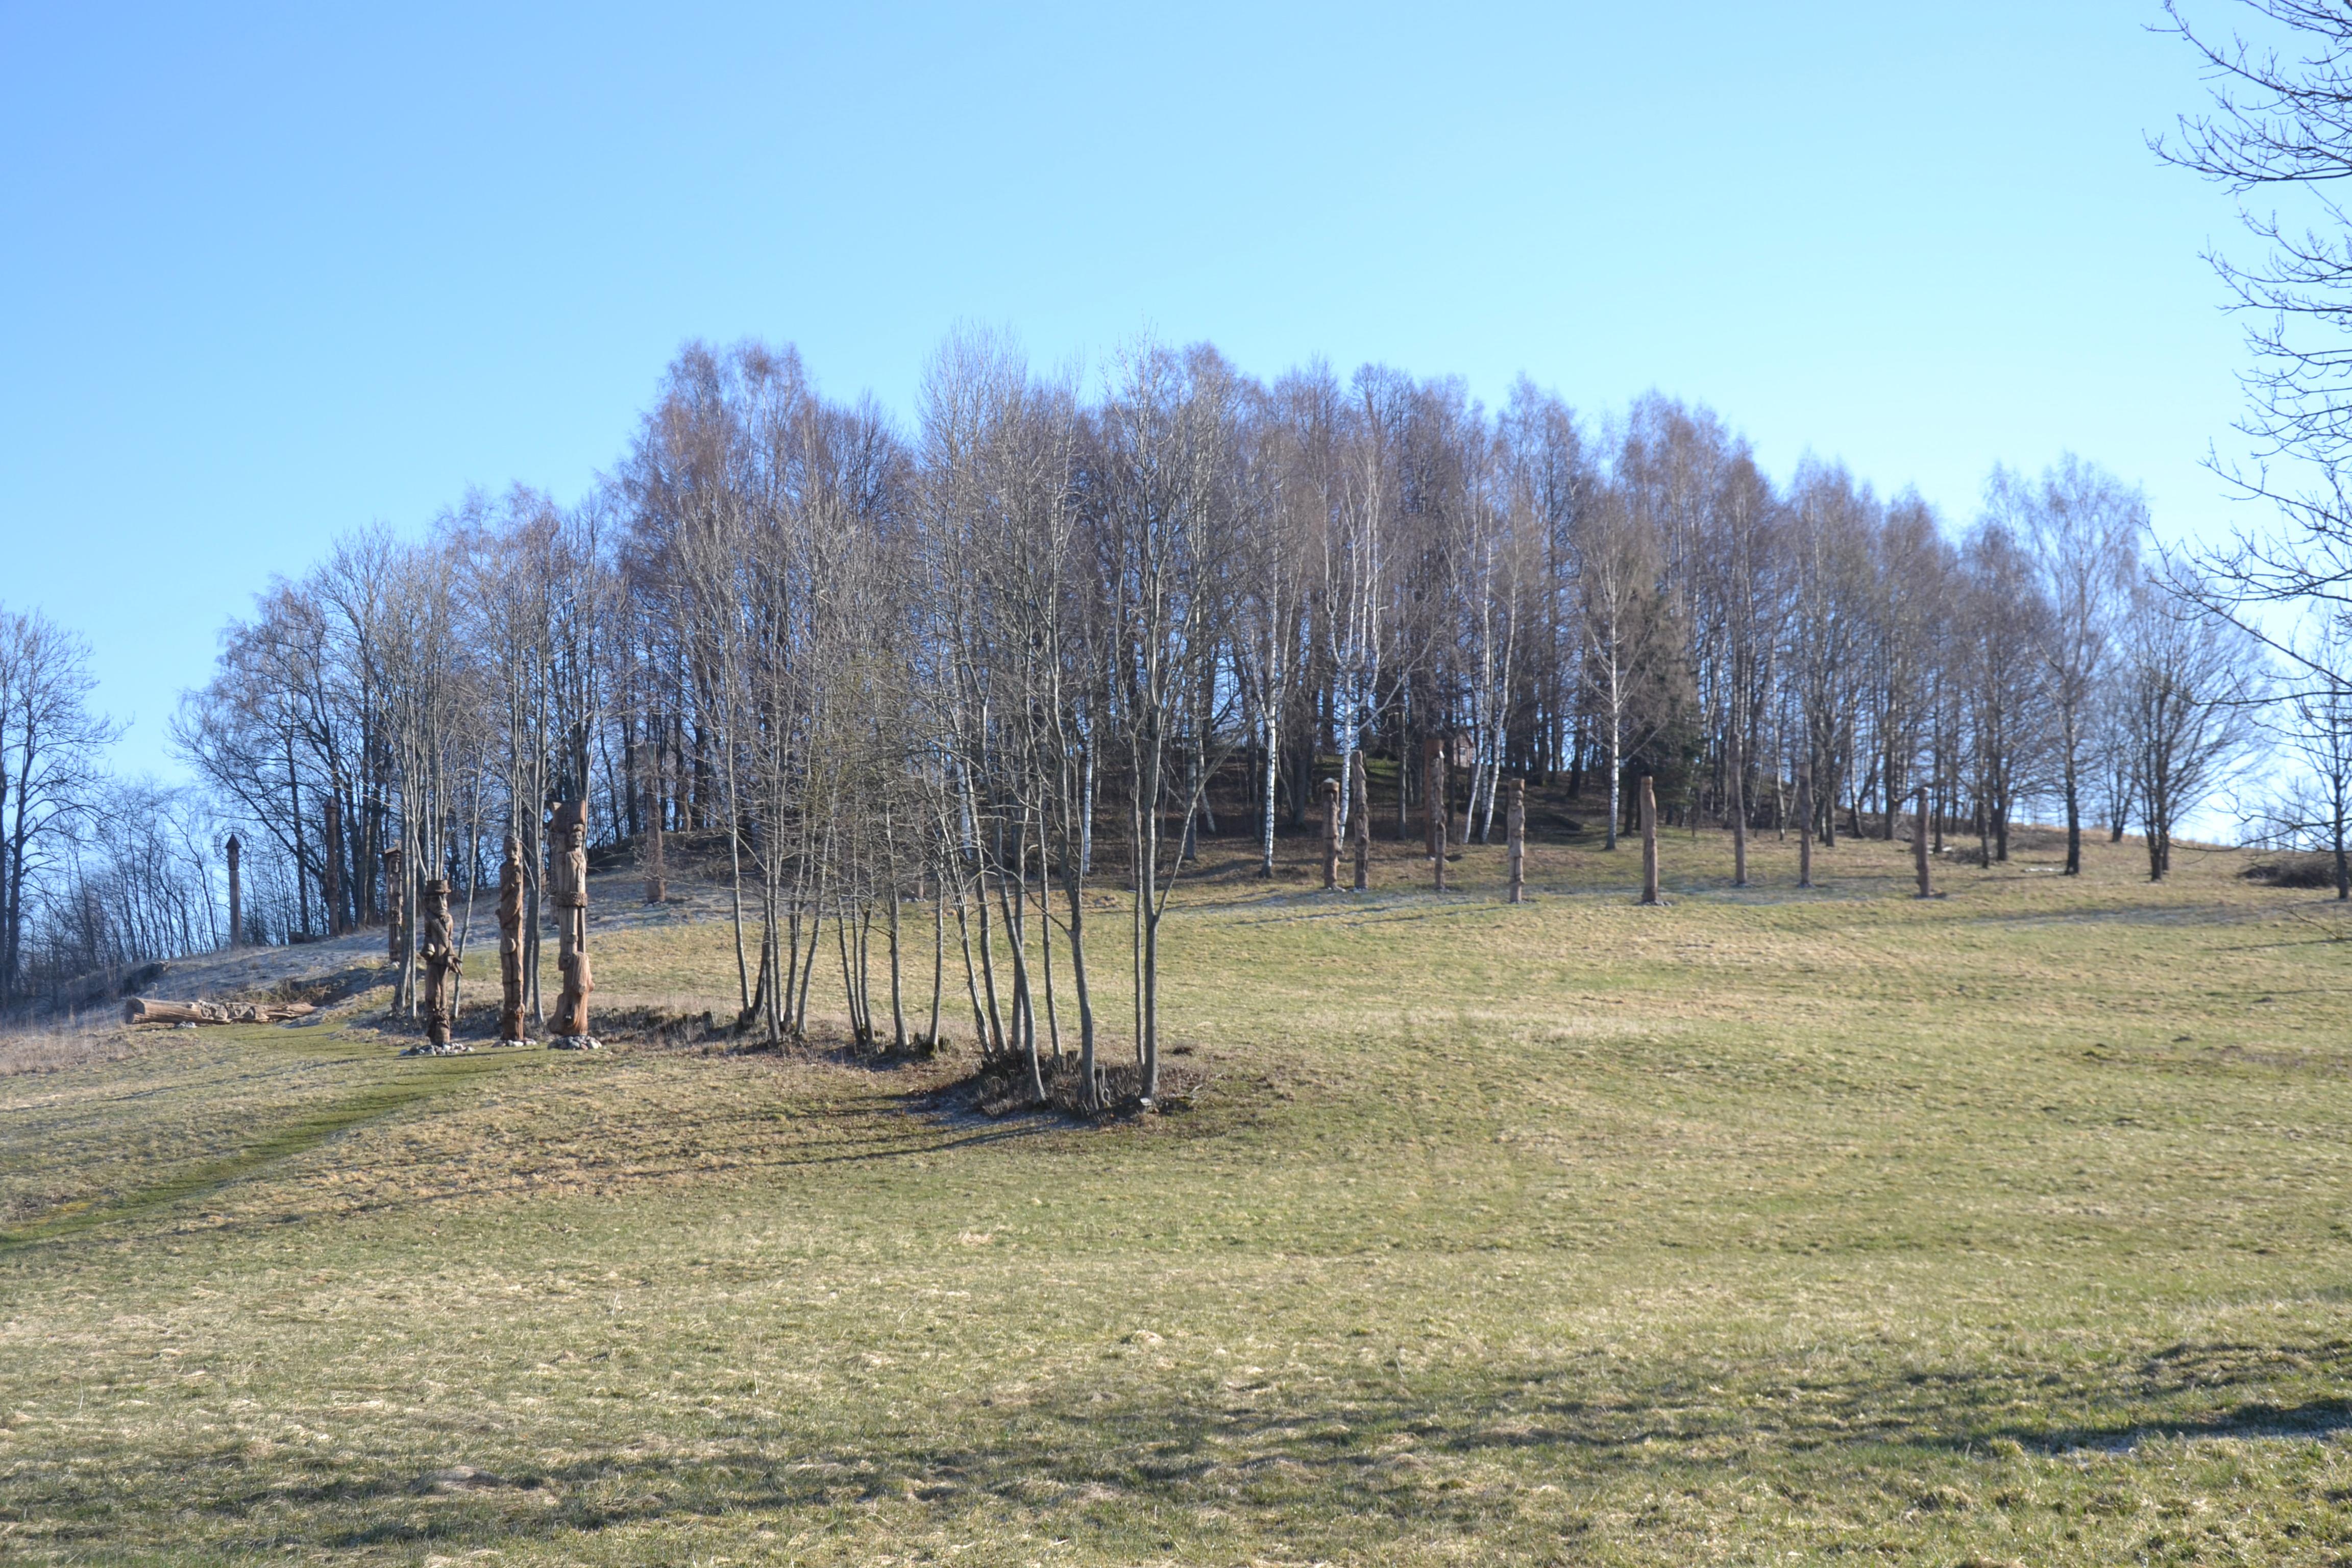 Žvaginių piliakalnis ir skulptūrų memorialinis ansamblis